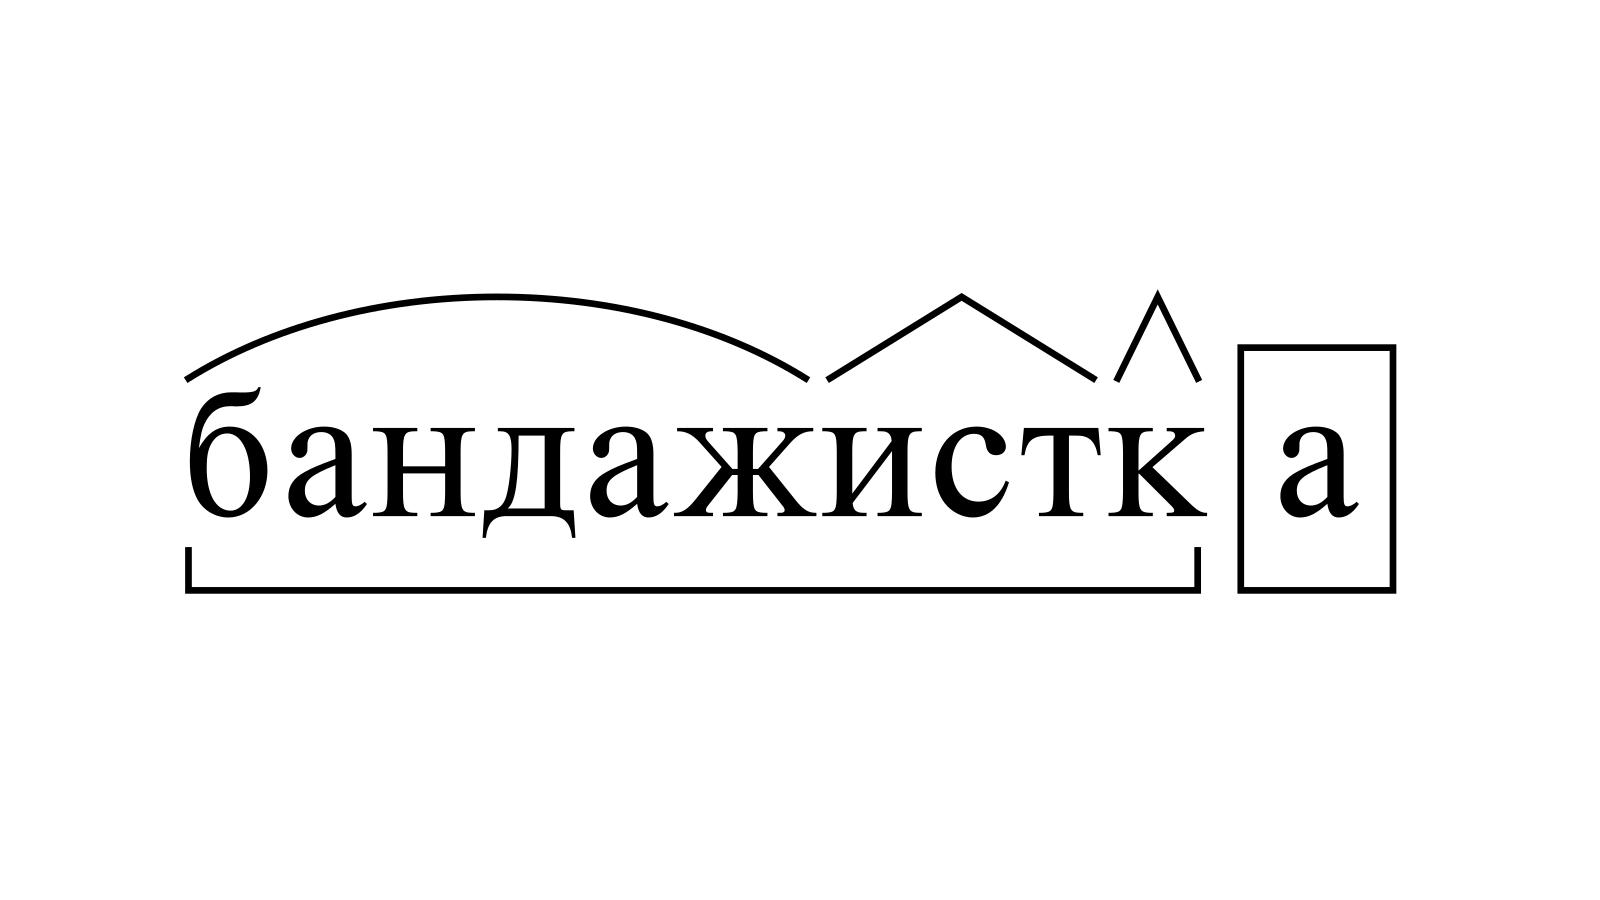 Разбор слова «бандажистка» по составу